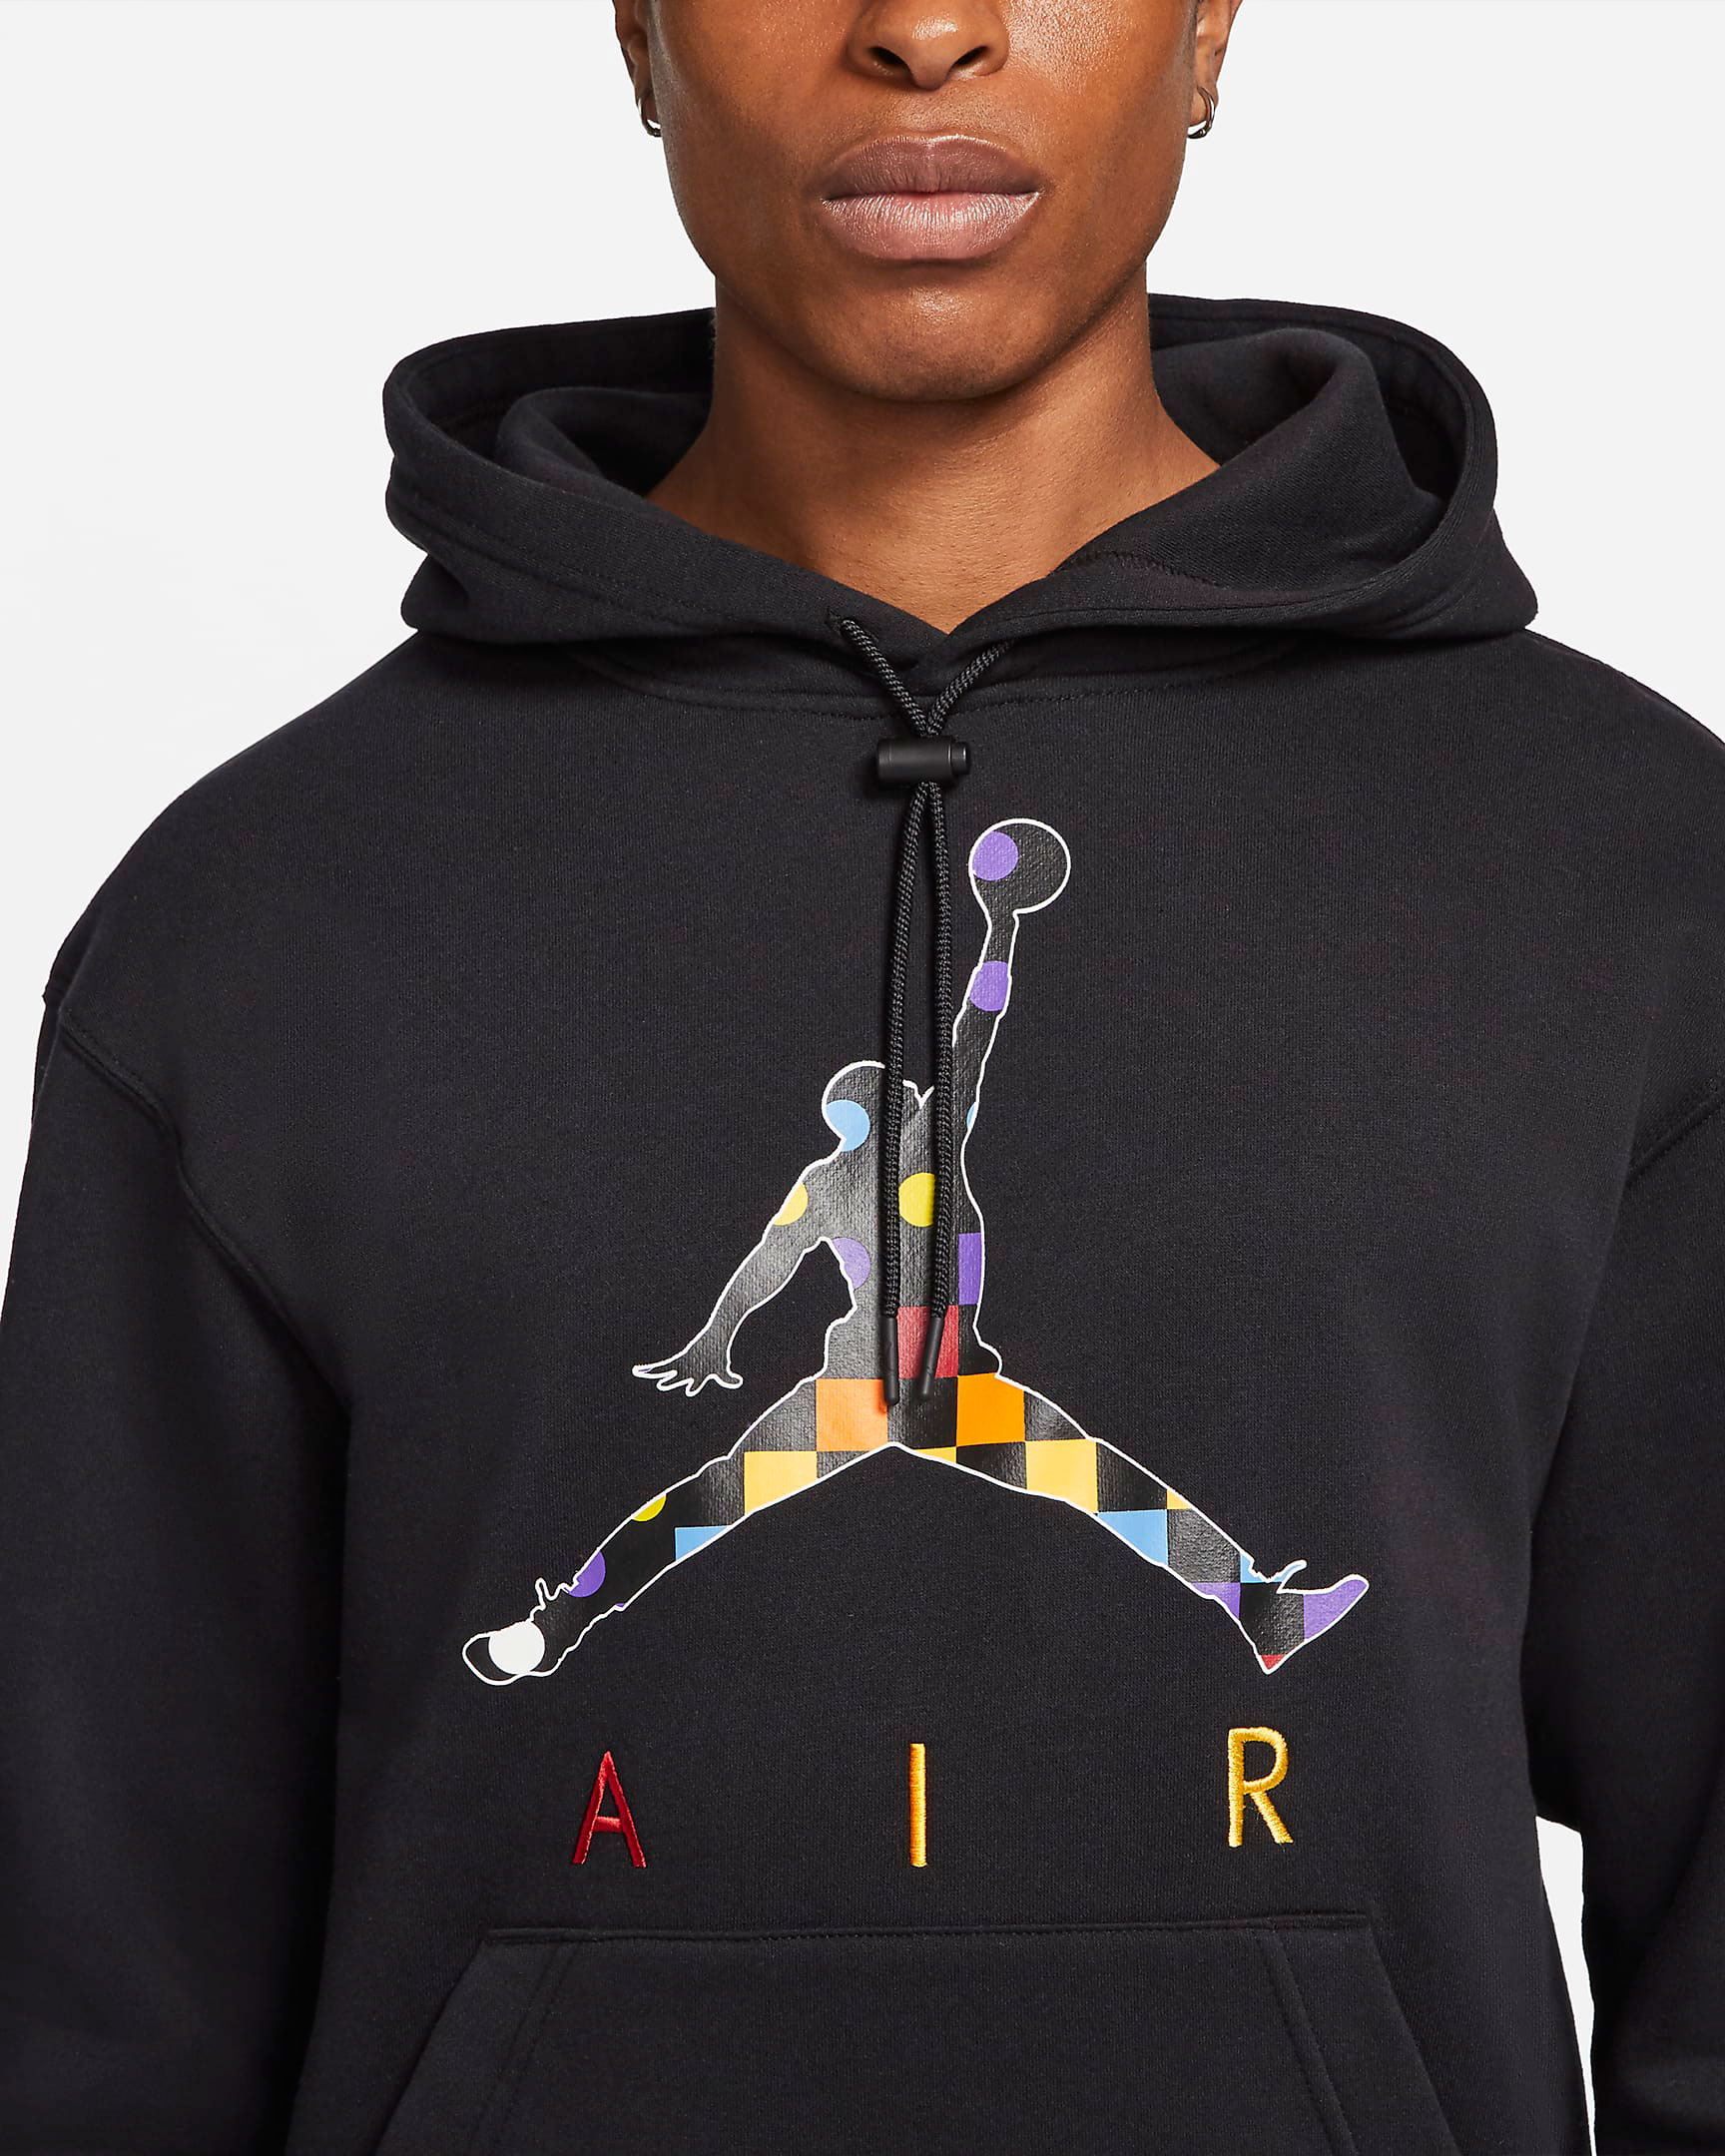 cool-air-jordan-3-2021-black-hoodie-2